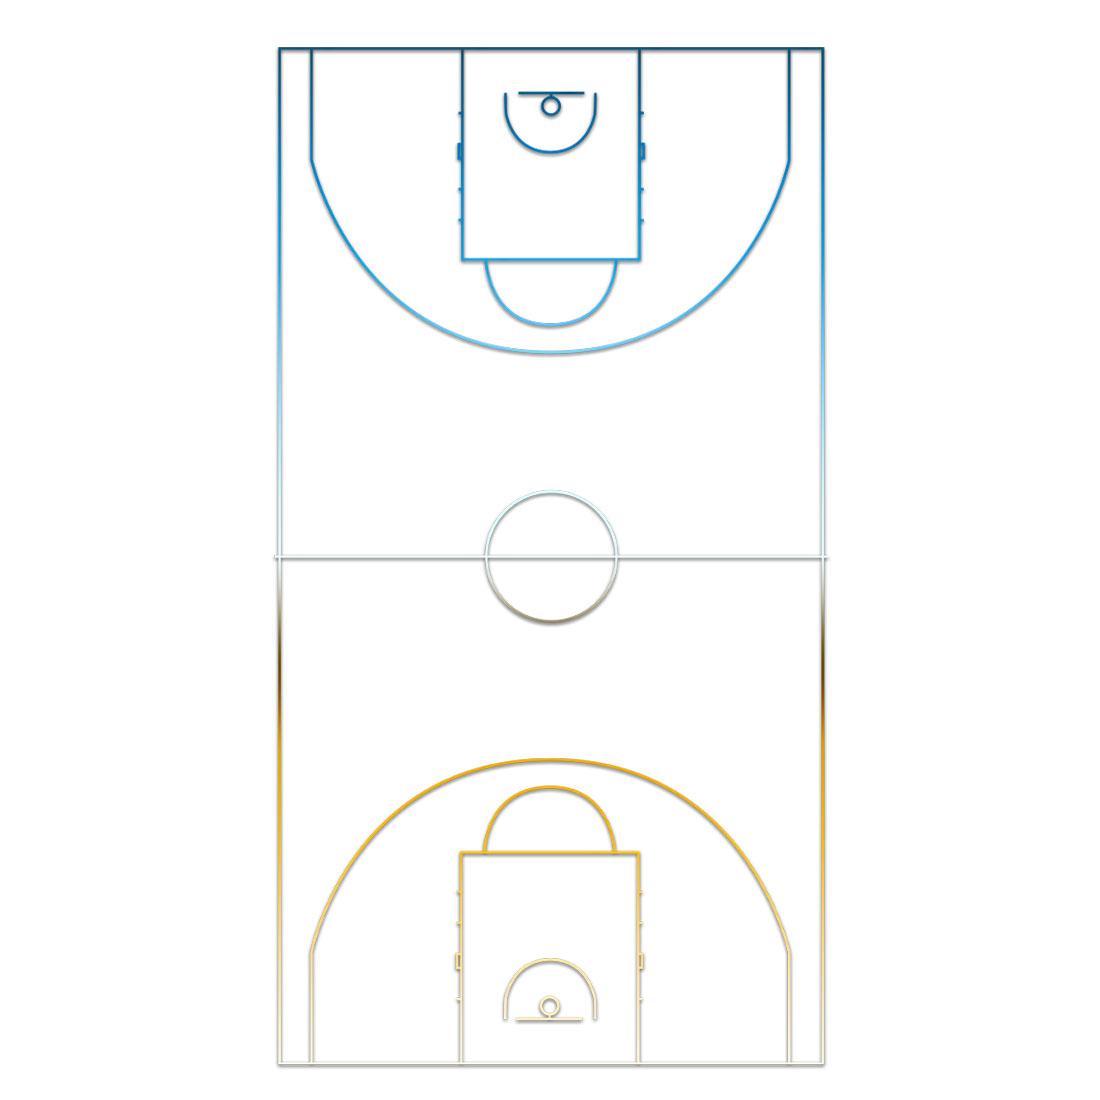 190426 – バスケットボールコート